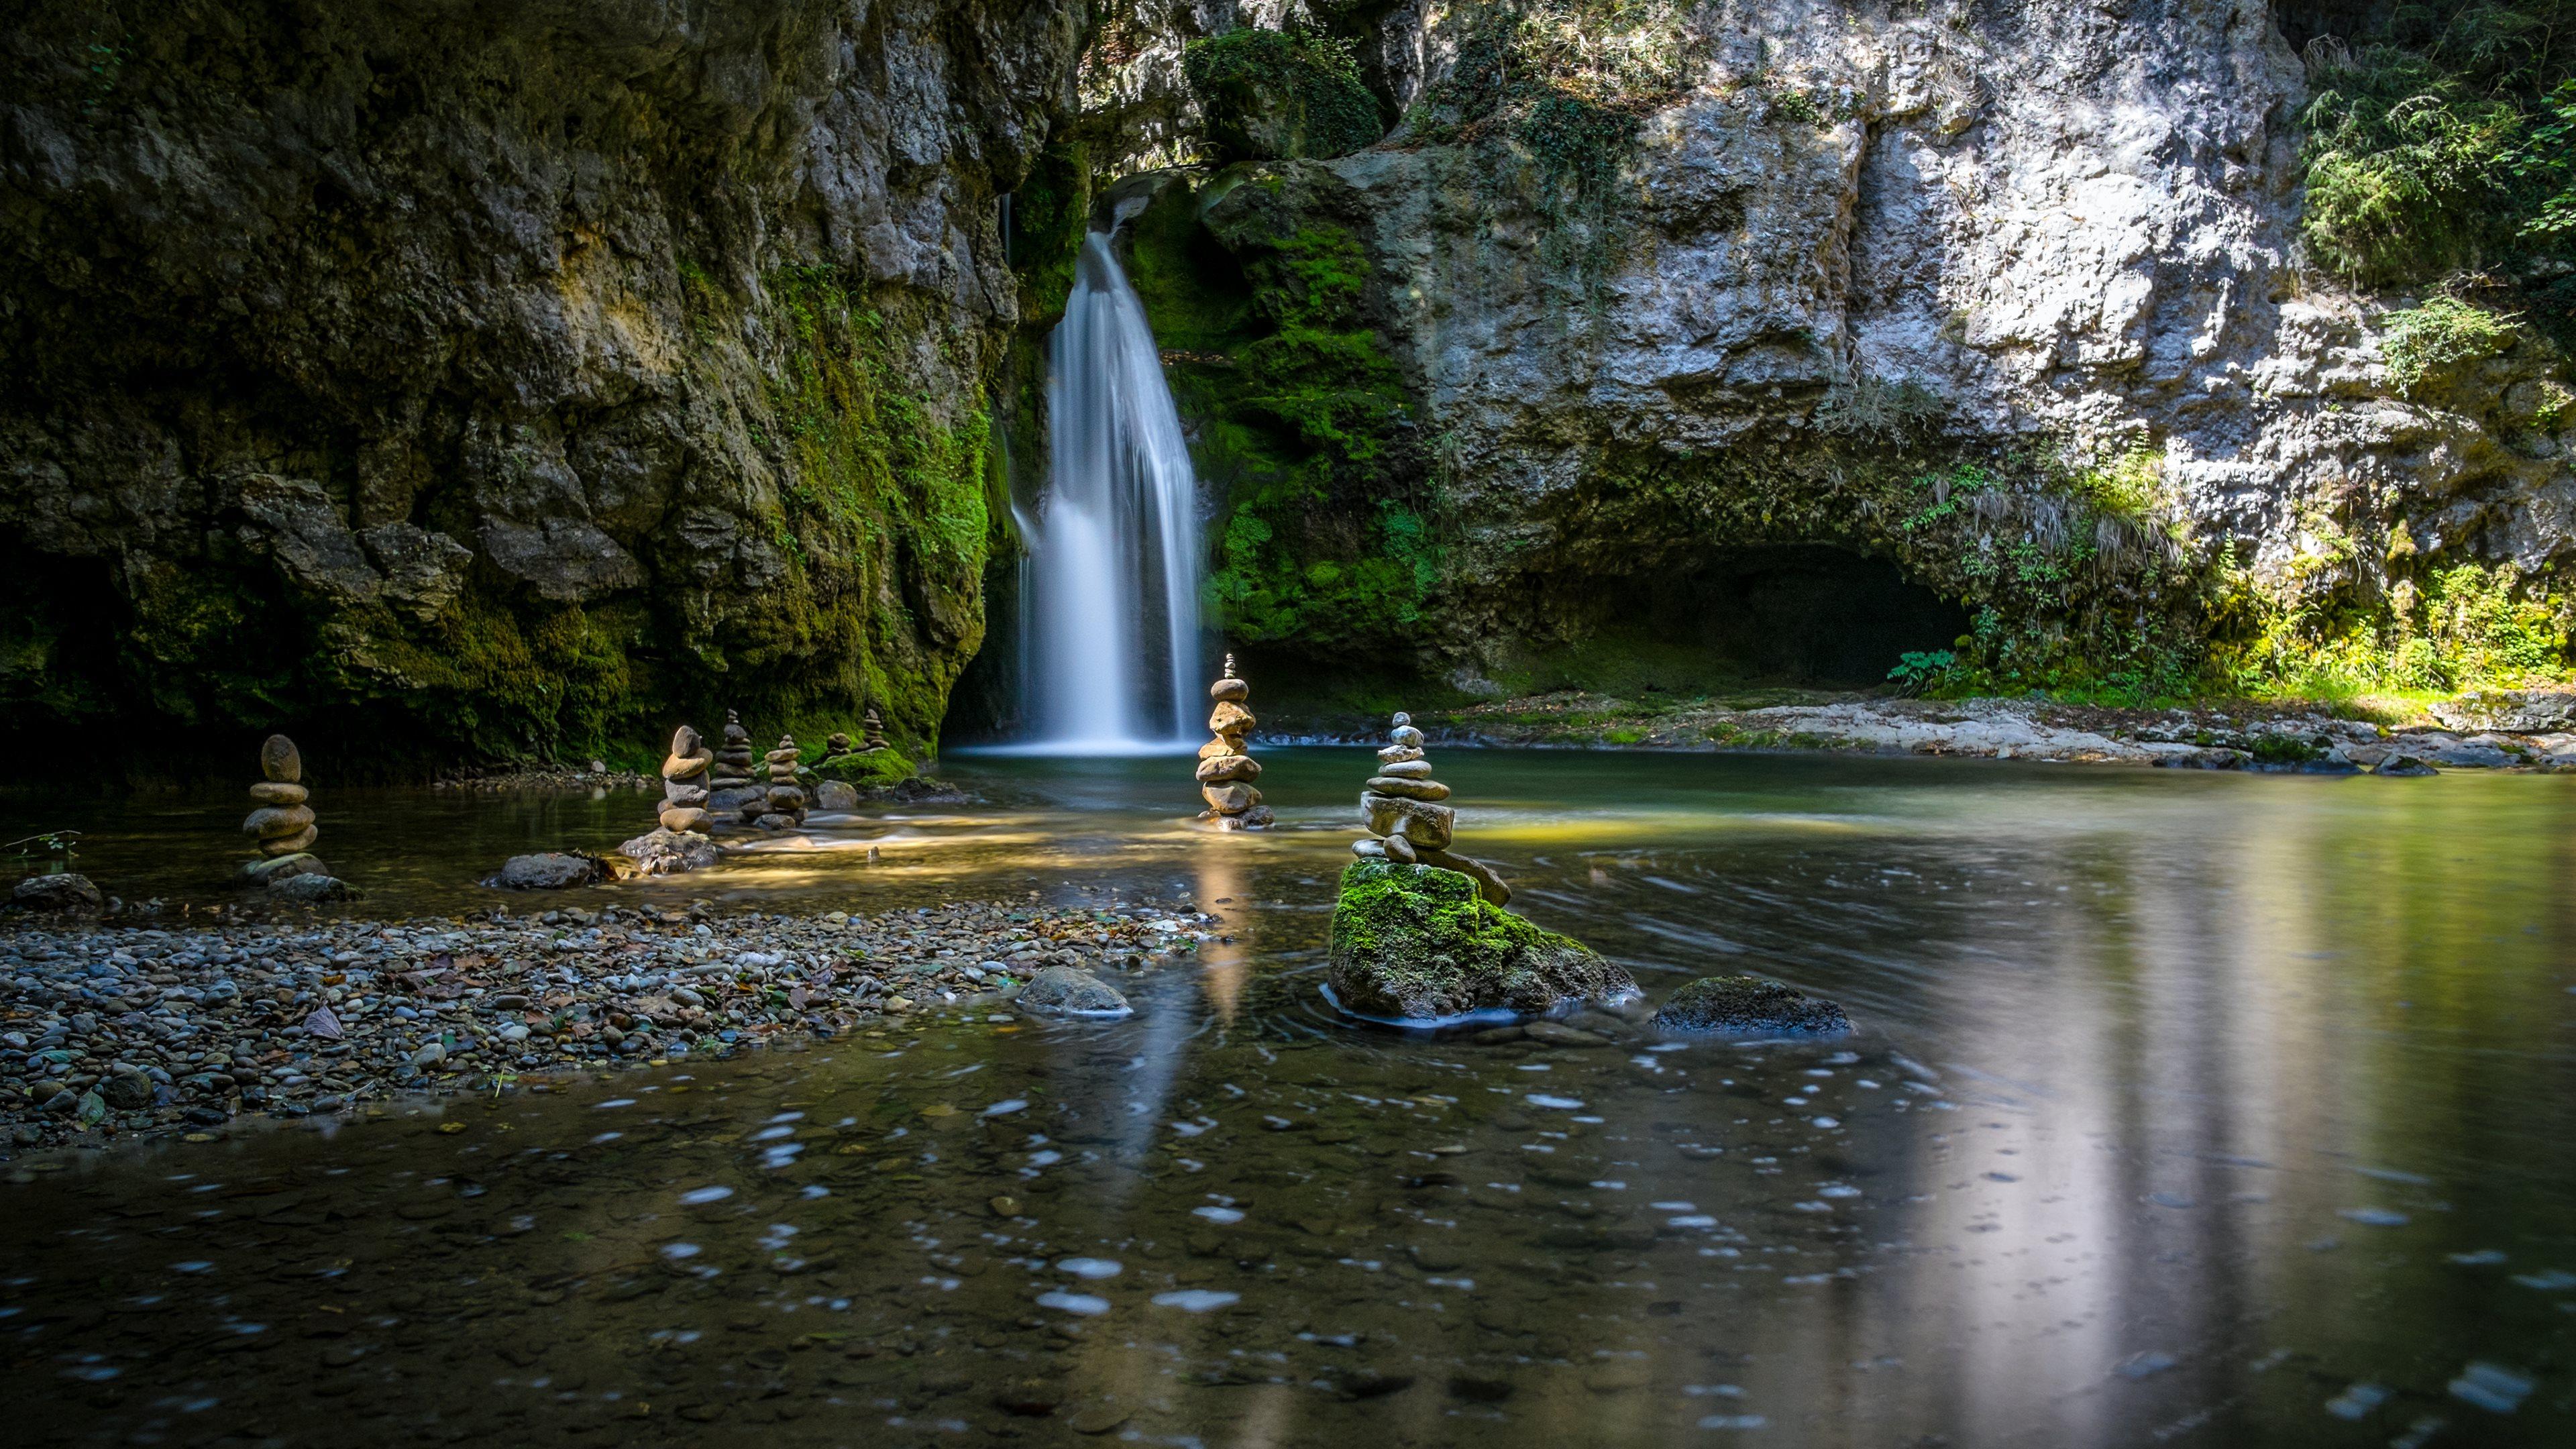 Zen Garden Waterfalls Wallpapers HD Wallpapers 3840x2160